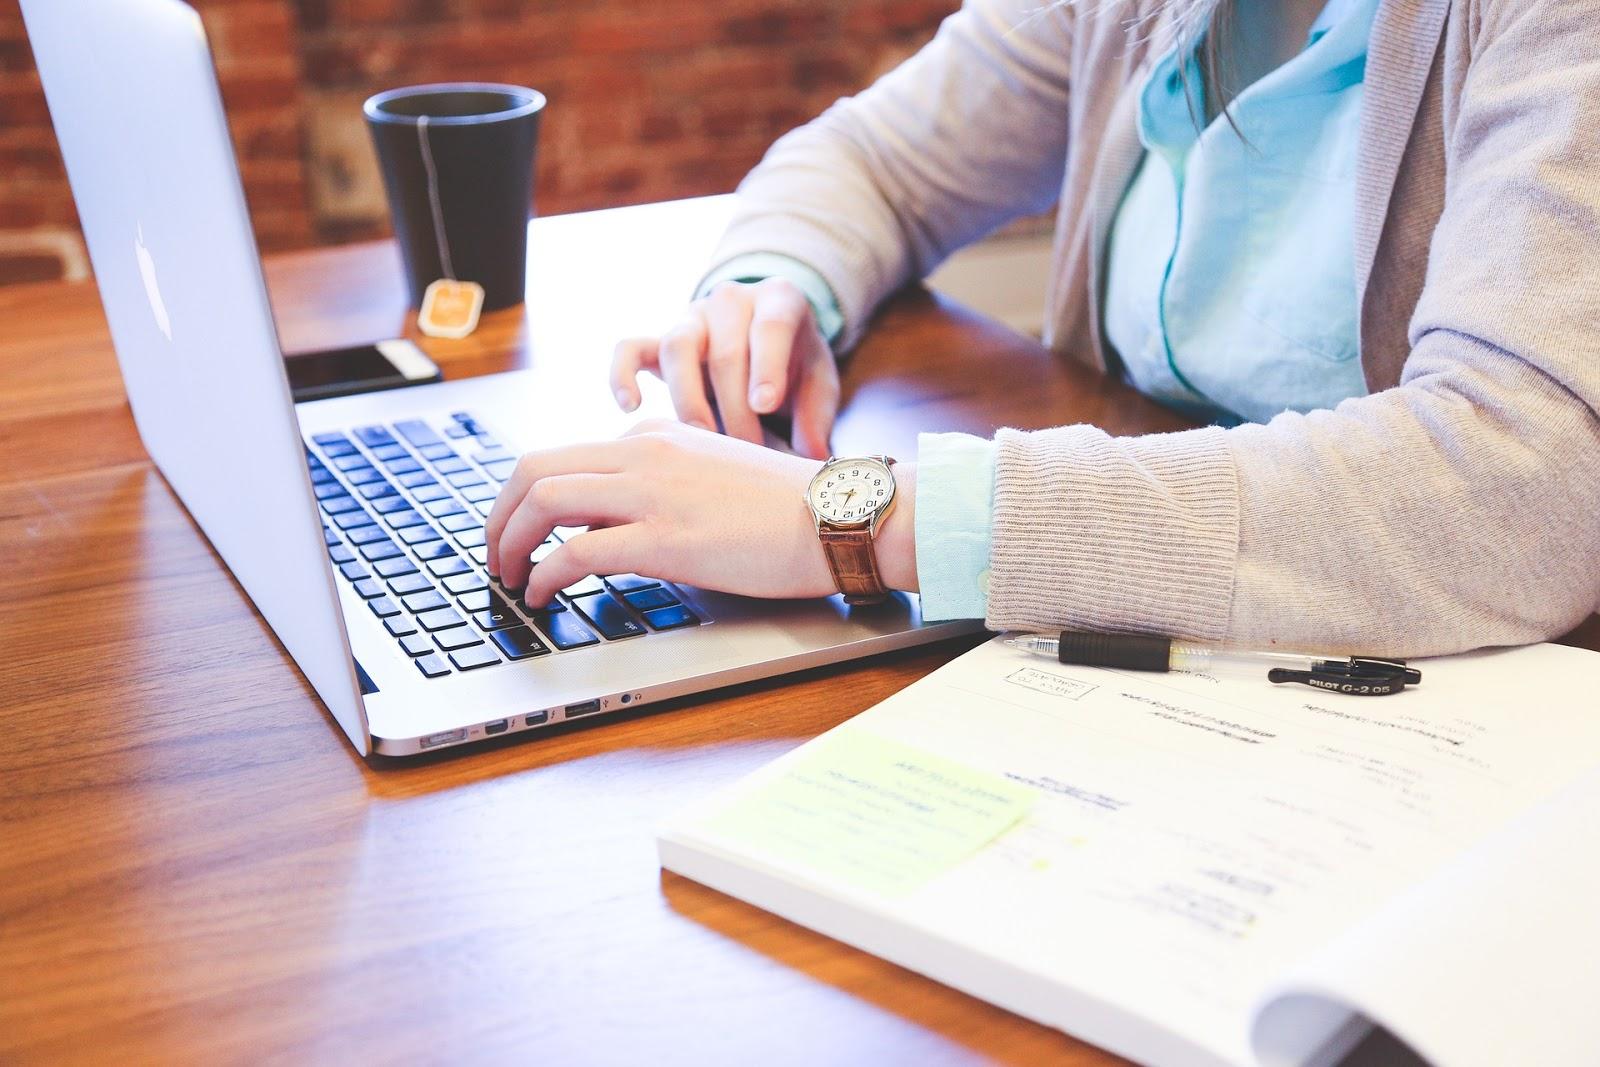 cum poți folosi un laptop pentru a câștiga bani